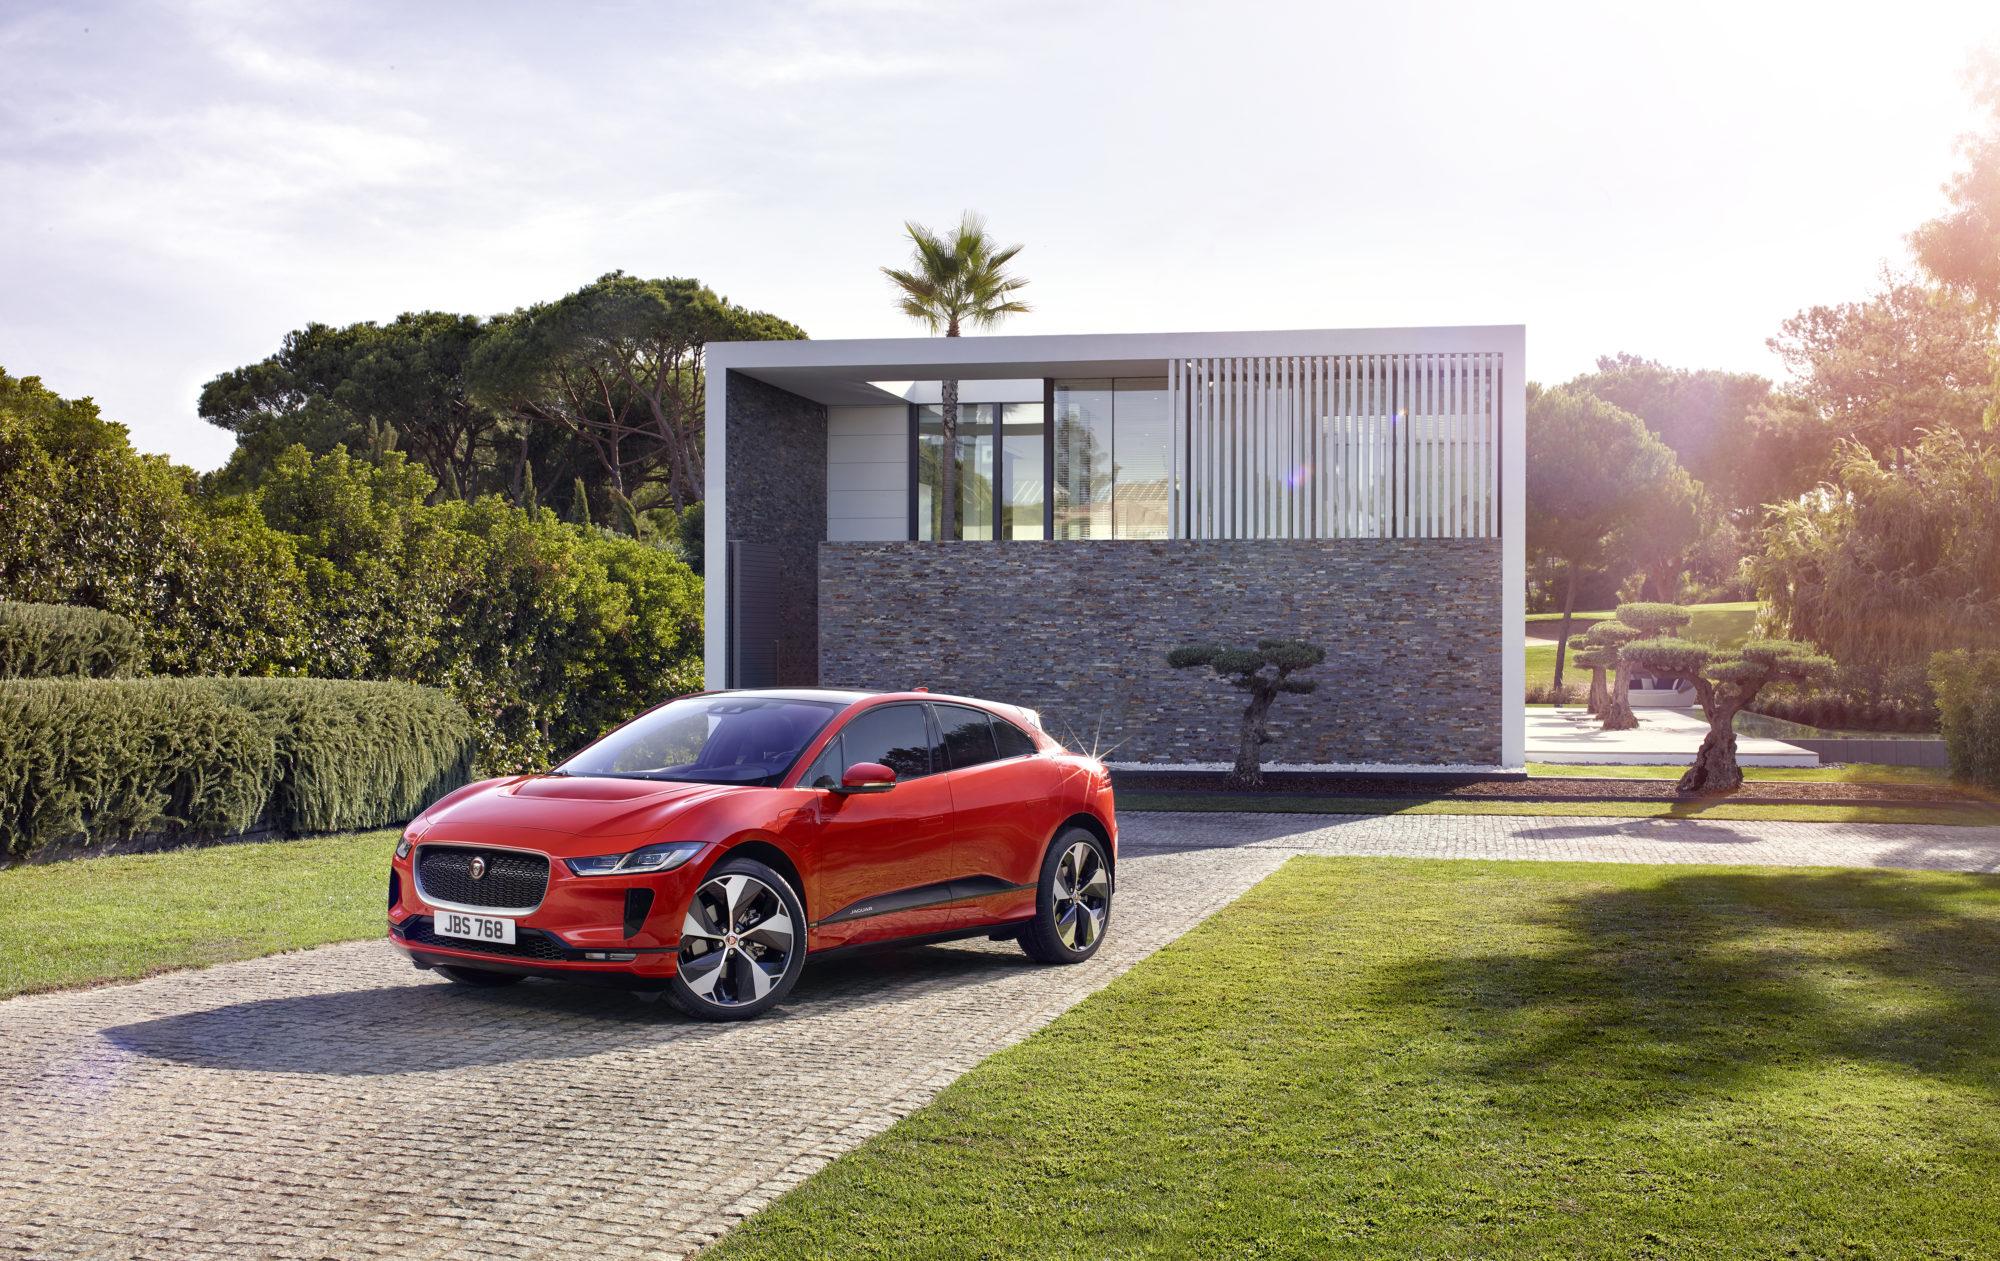 Der Jaguar I-PACE bietet eine Reichweite von bis zu 480 km und wird preislich bei knapp 78.000 Euro starten